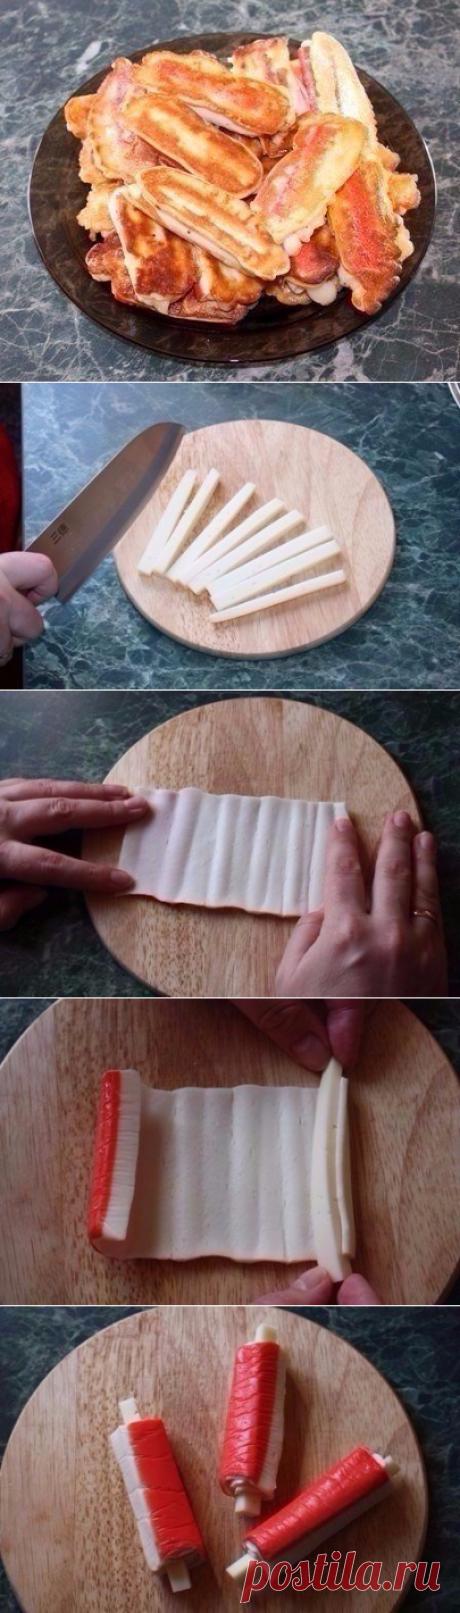 Крабовые палочки в кляре с сыром